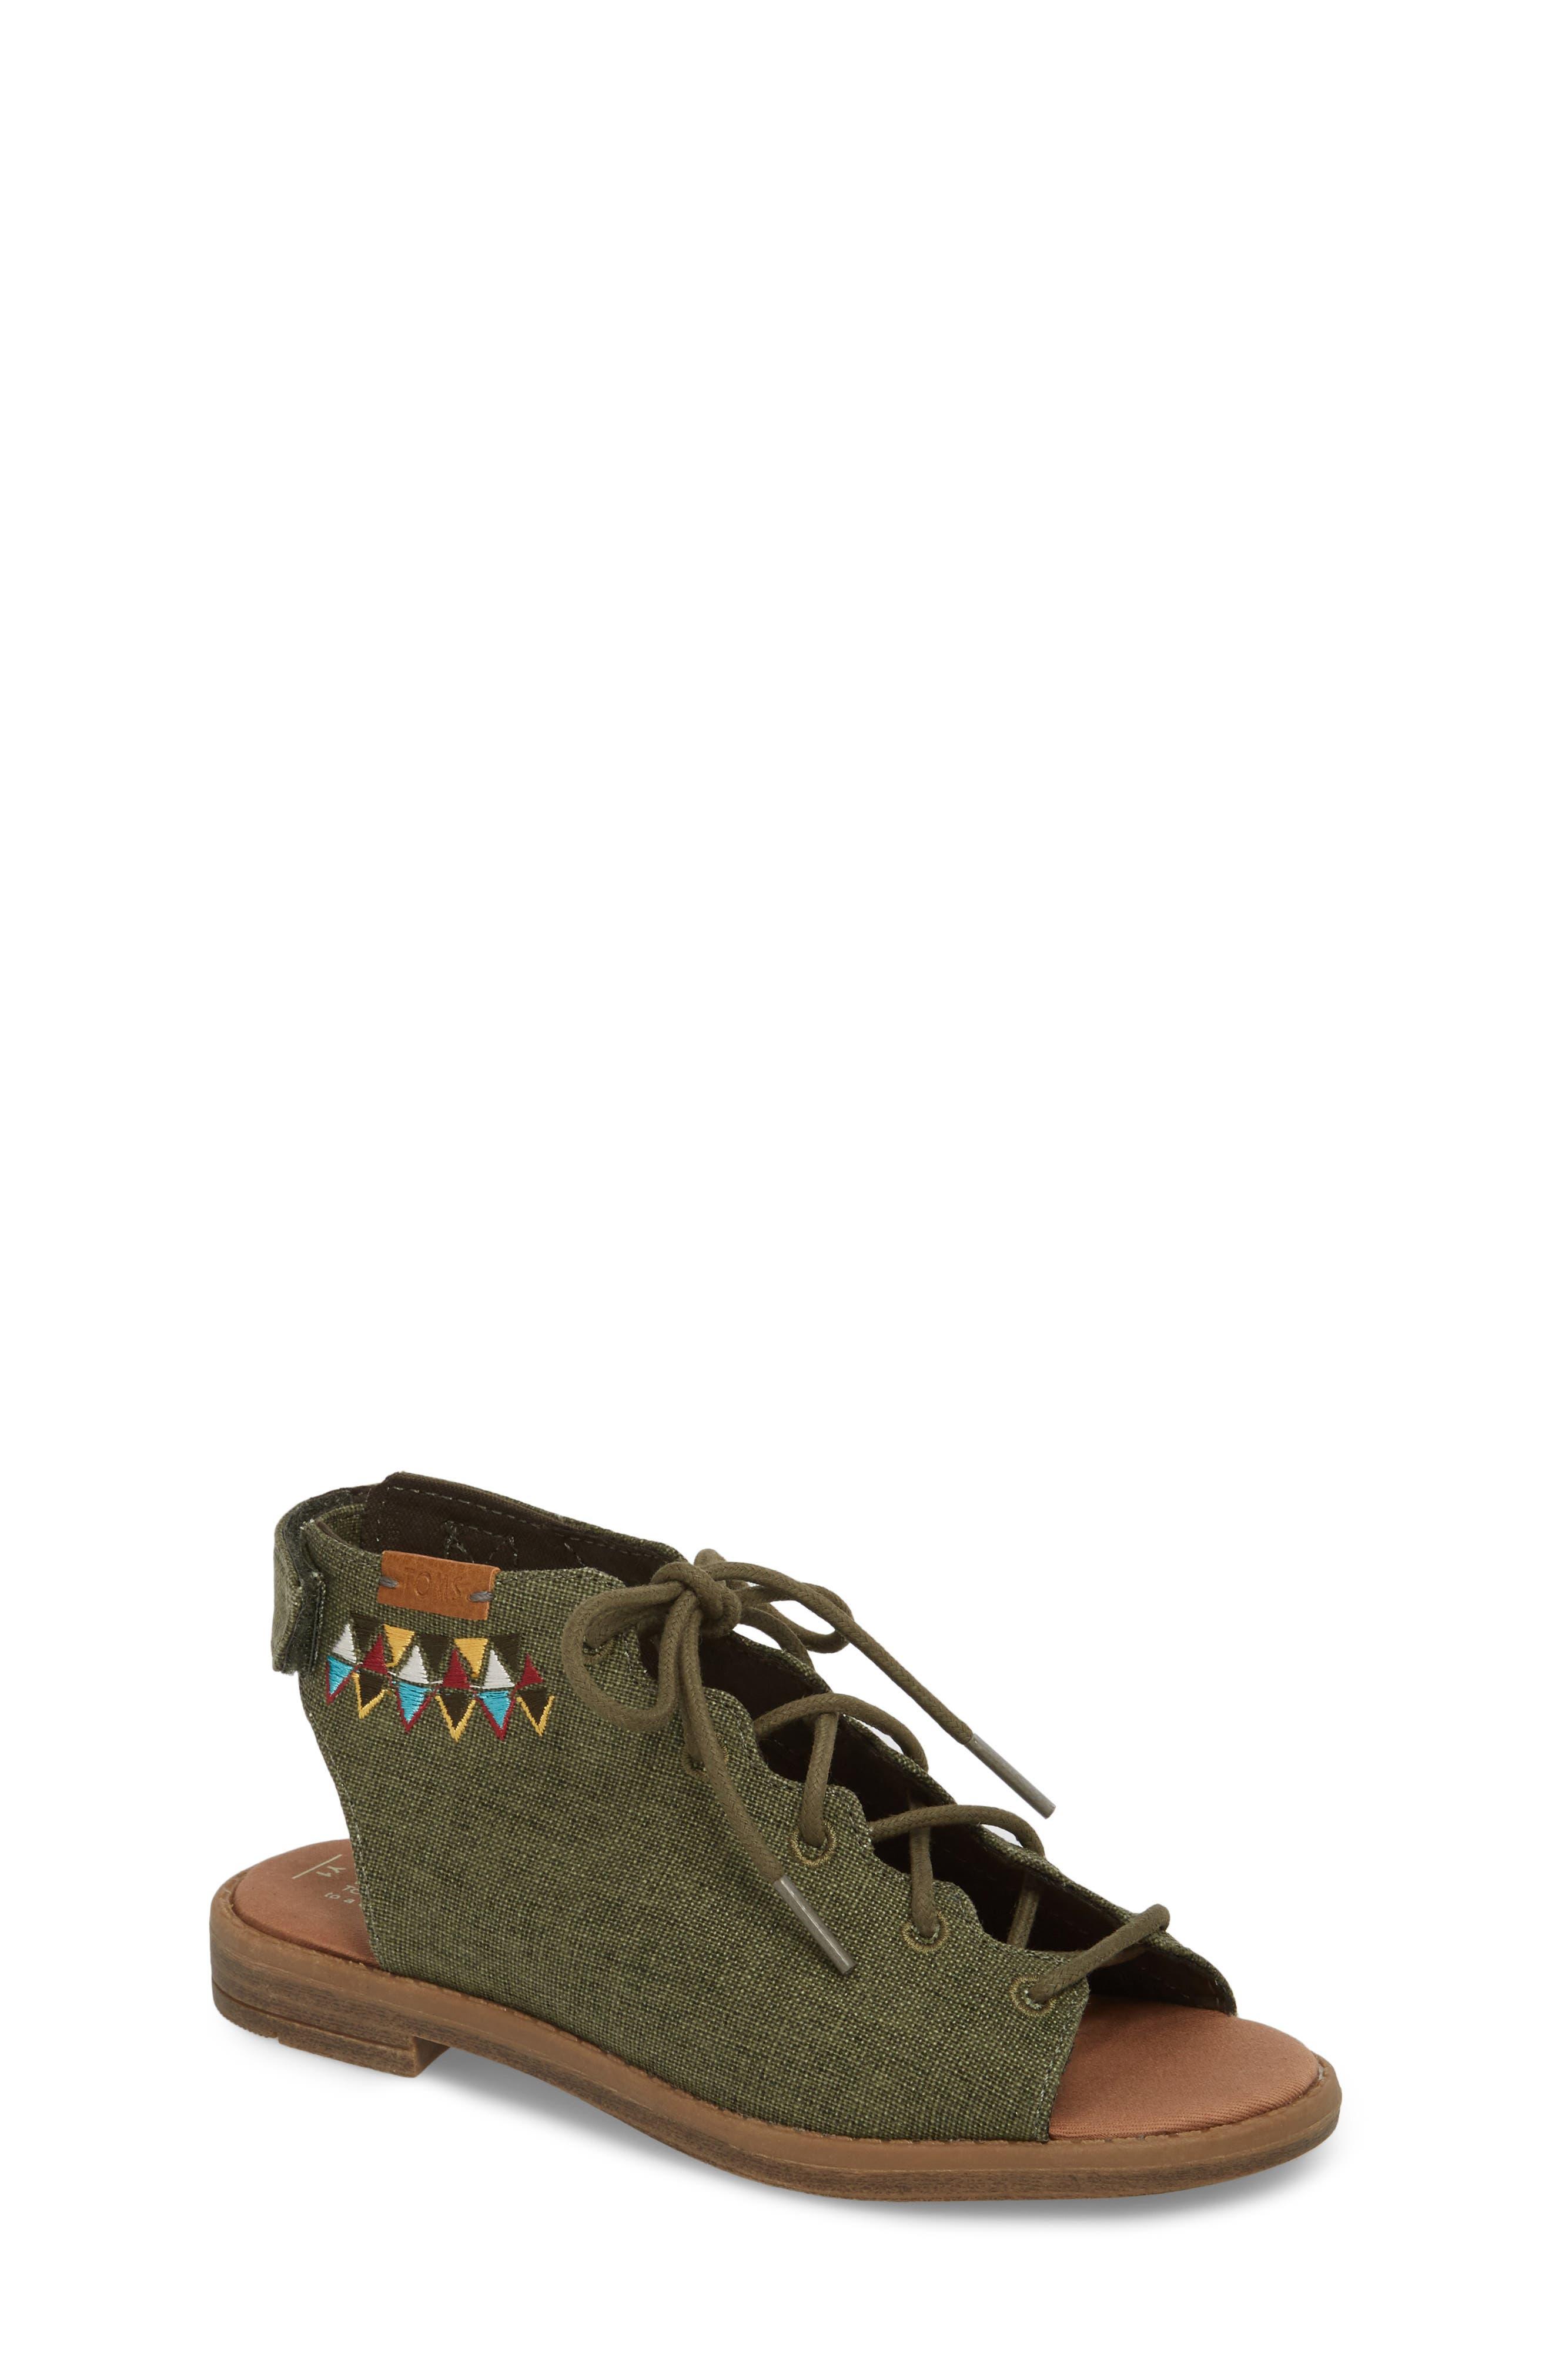 TOMS Uma Sandal, Main, color, 310